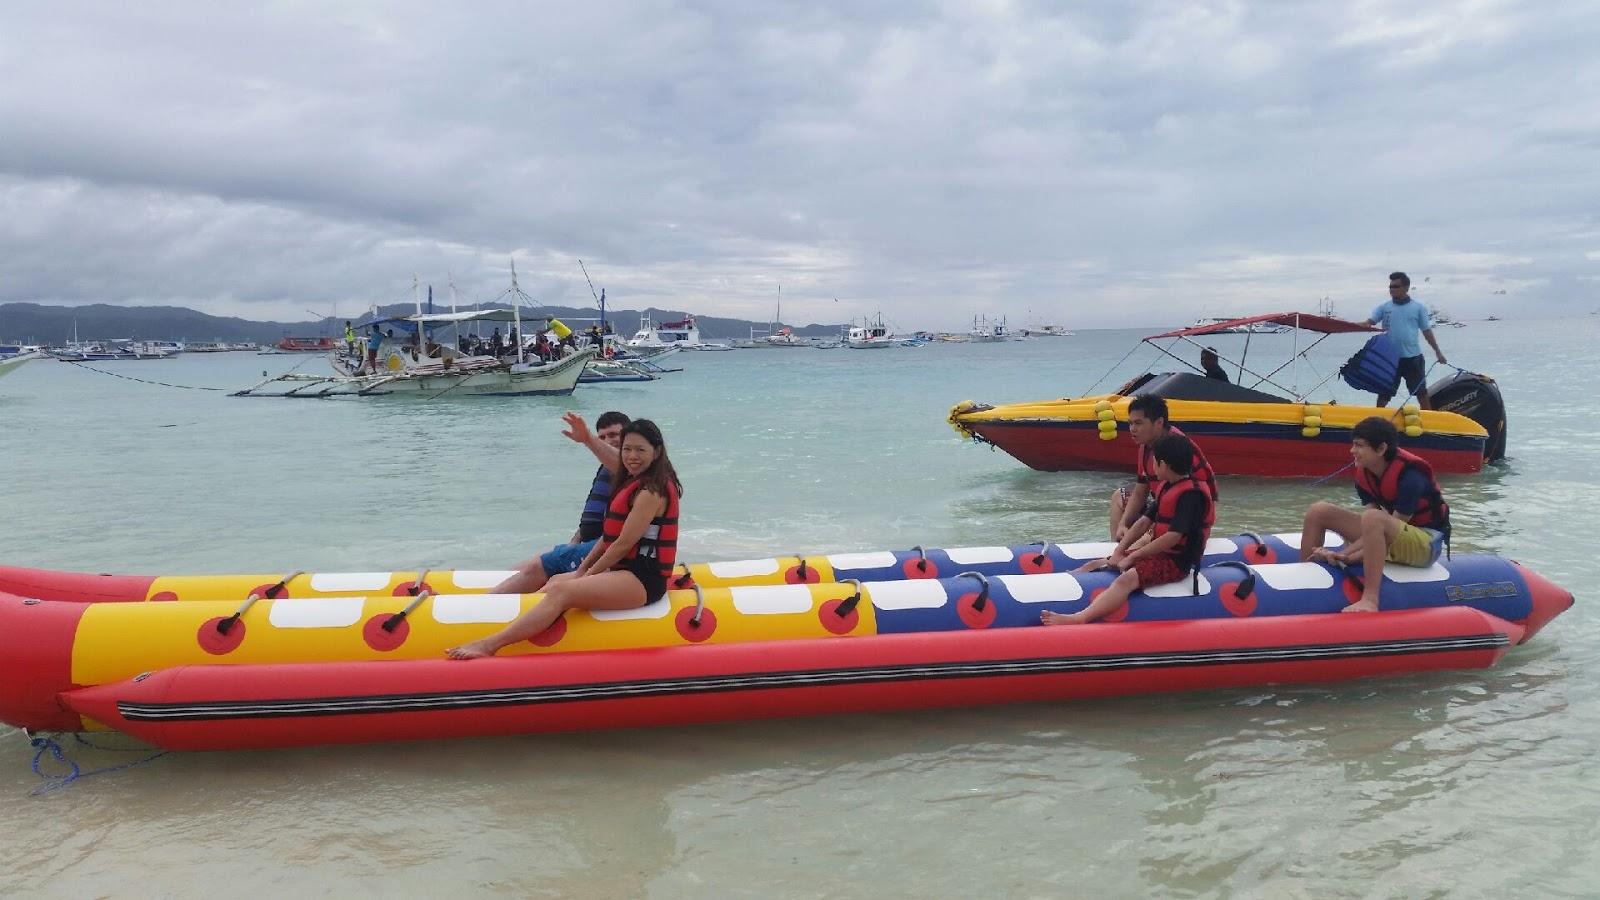 Fun things to do in Boracay